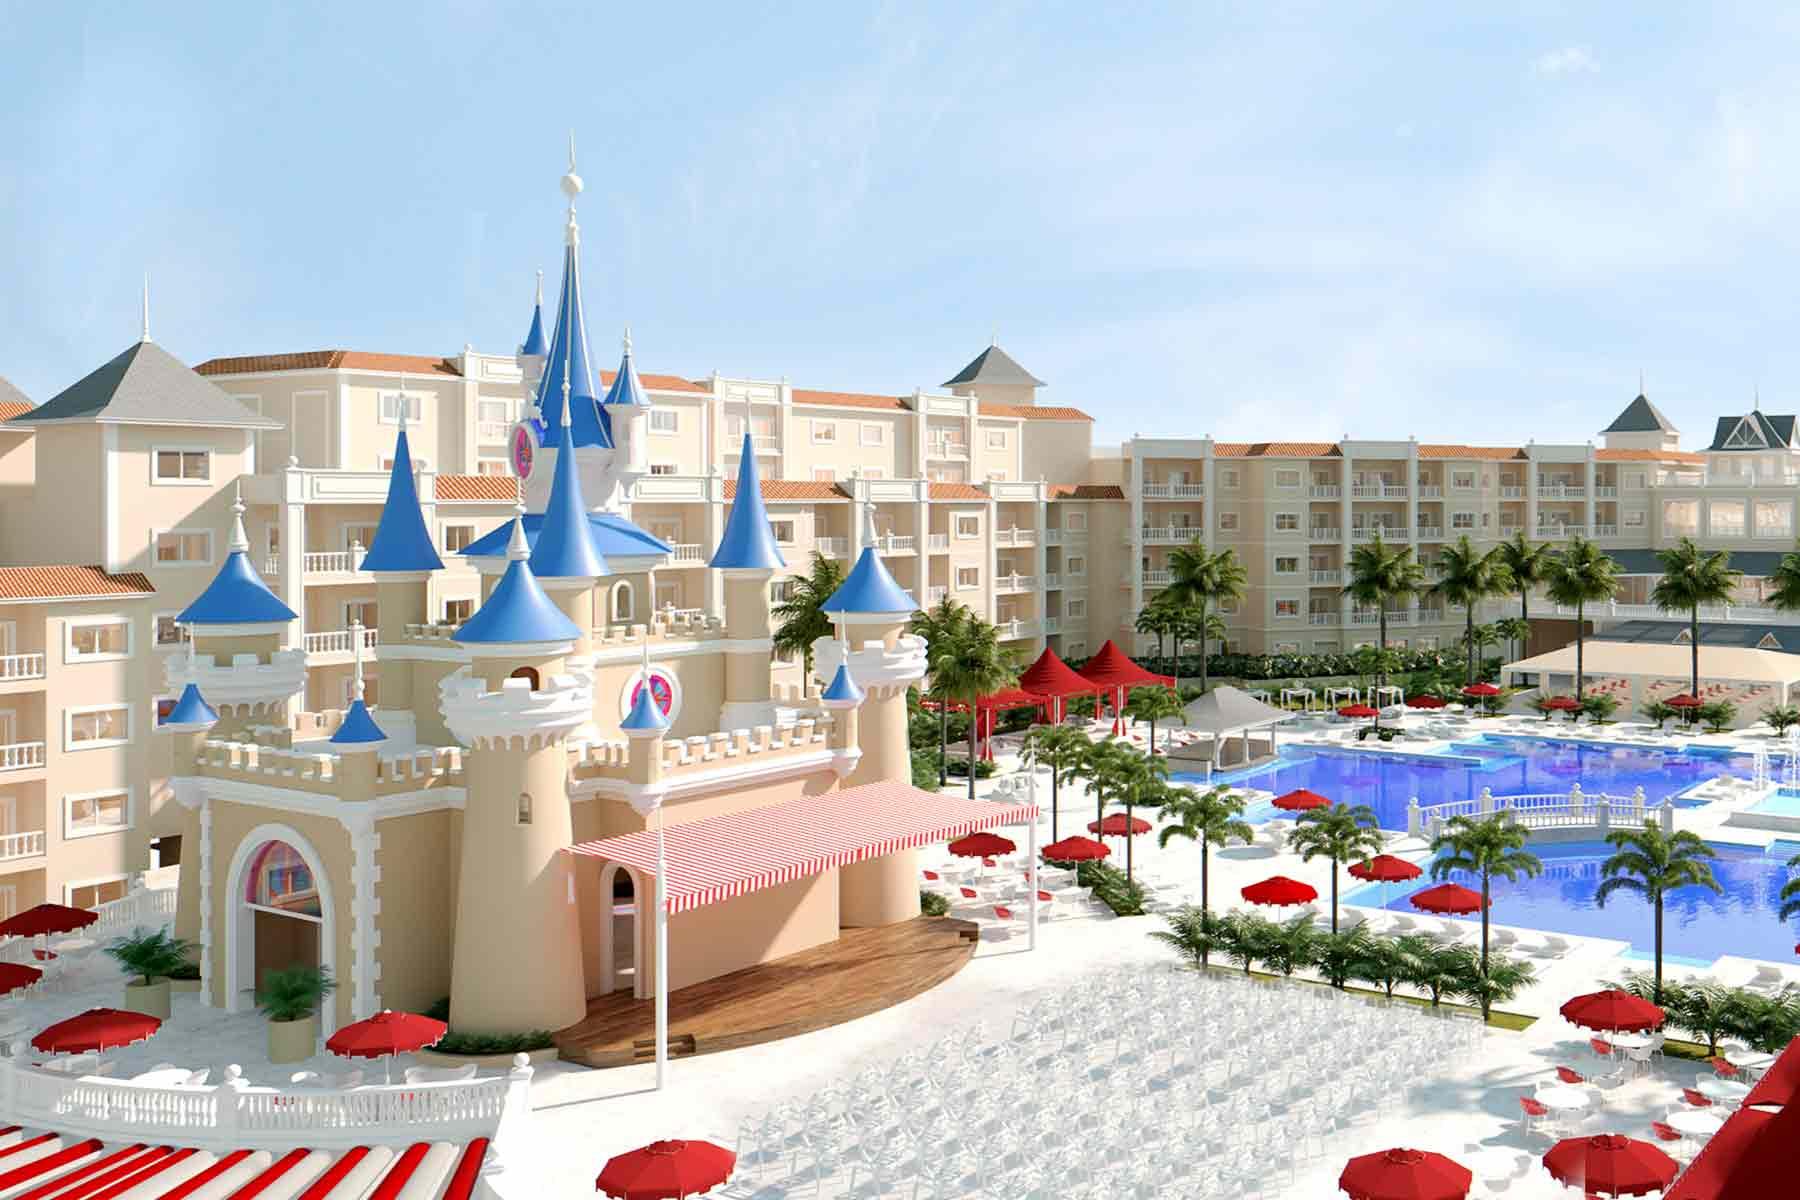 puertas-jordan-hotel-bahia-principe-tenerife